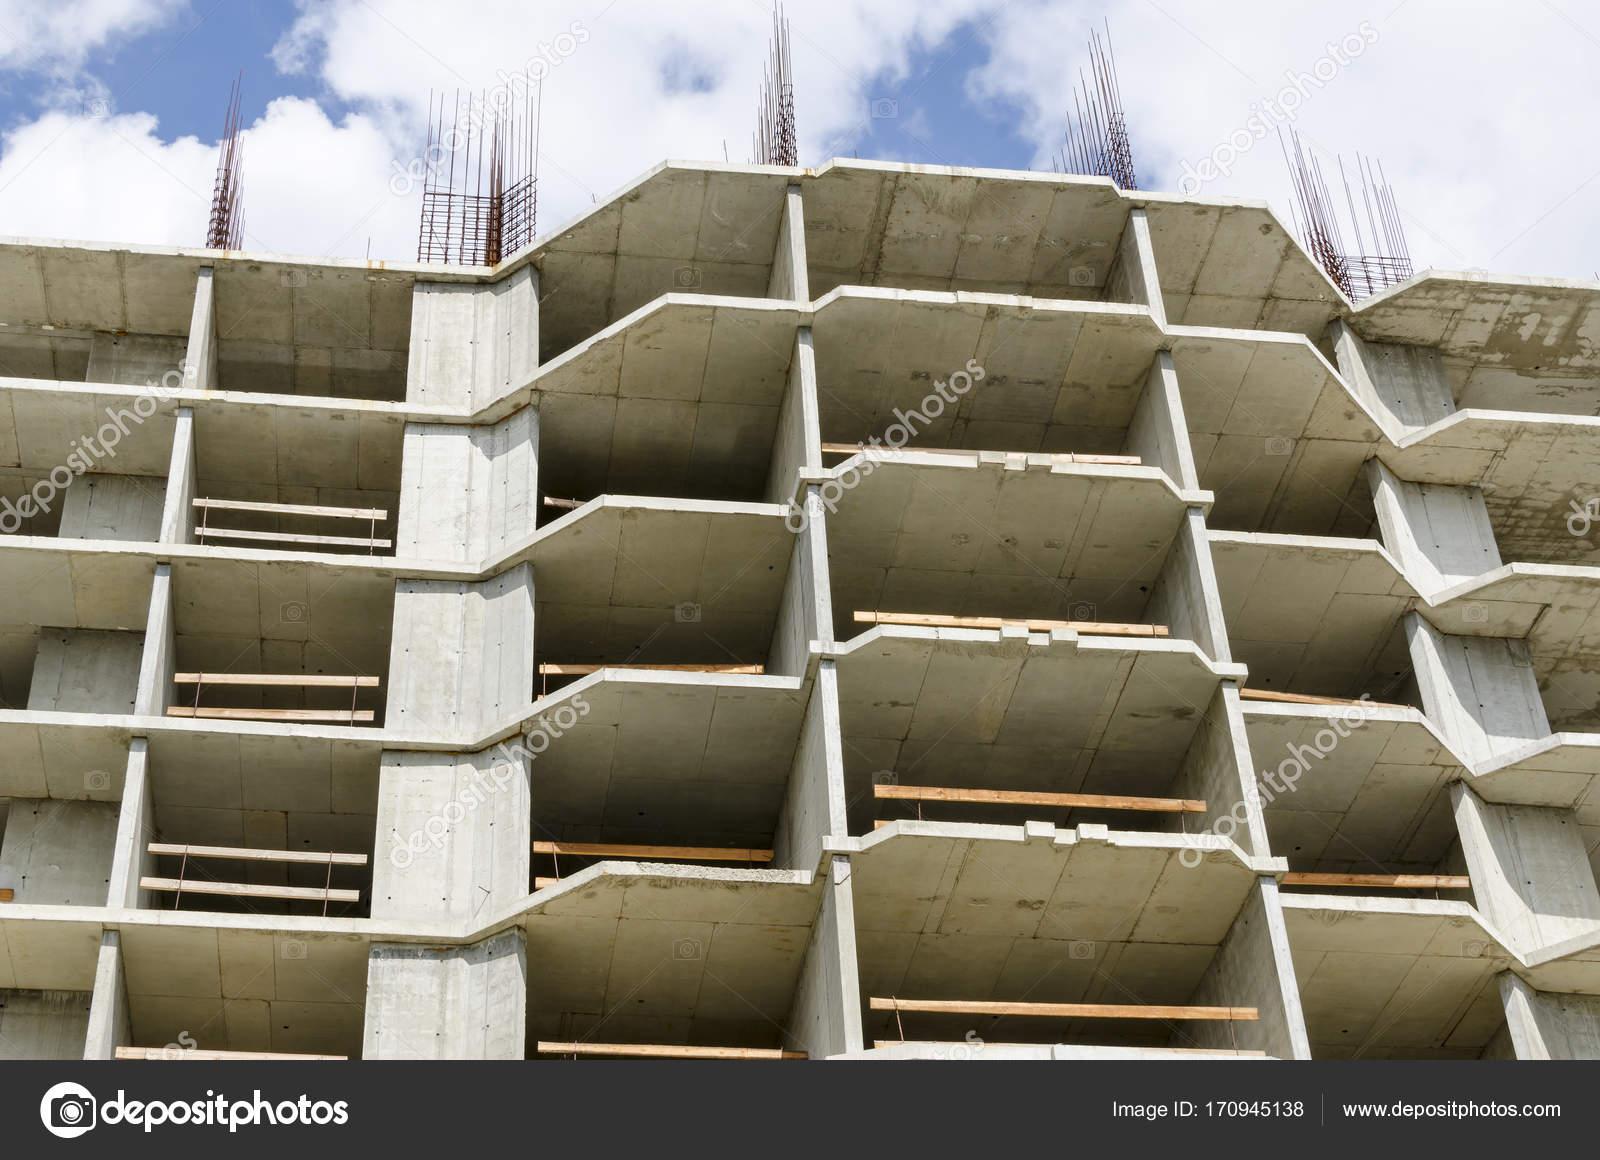 Betonrahmen eine Gebäude-Nahaufnahme — Stockfoto © uhfybn #170945138